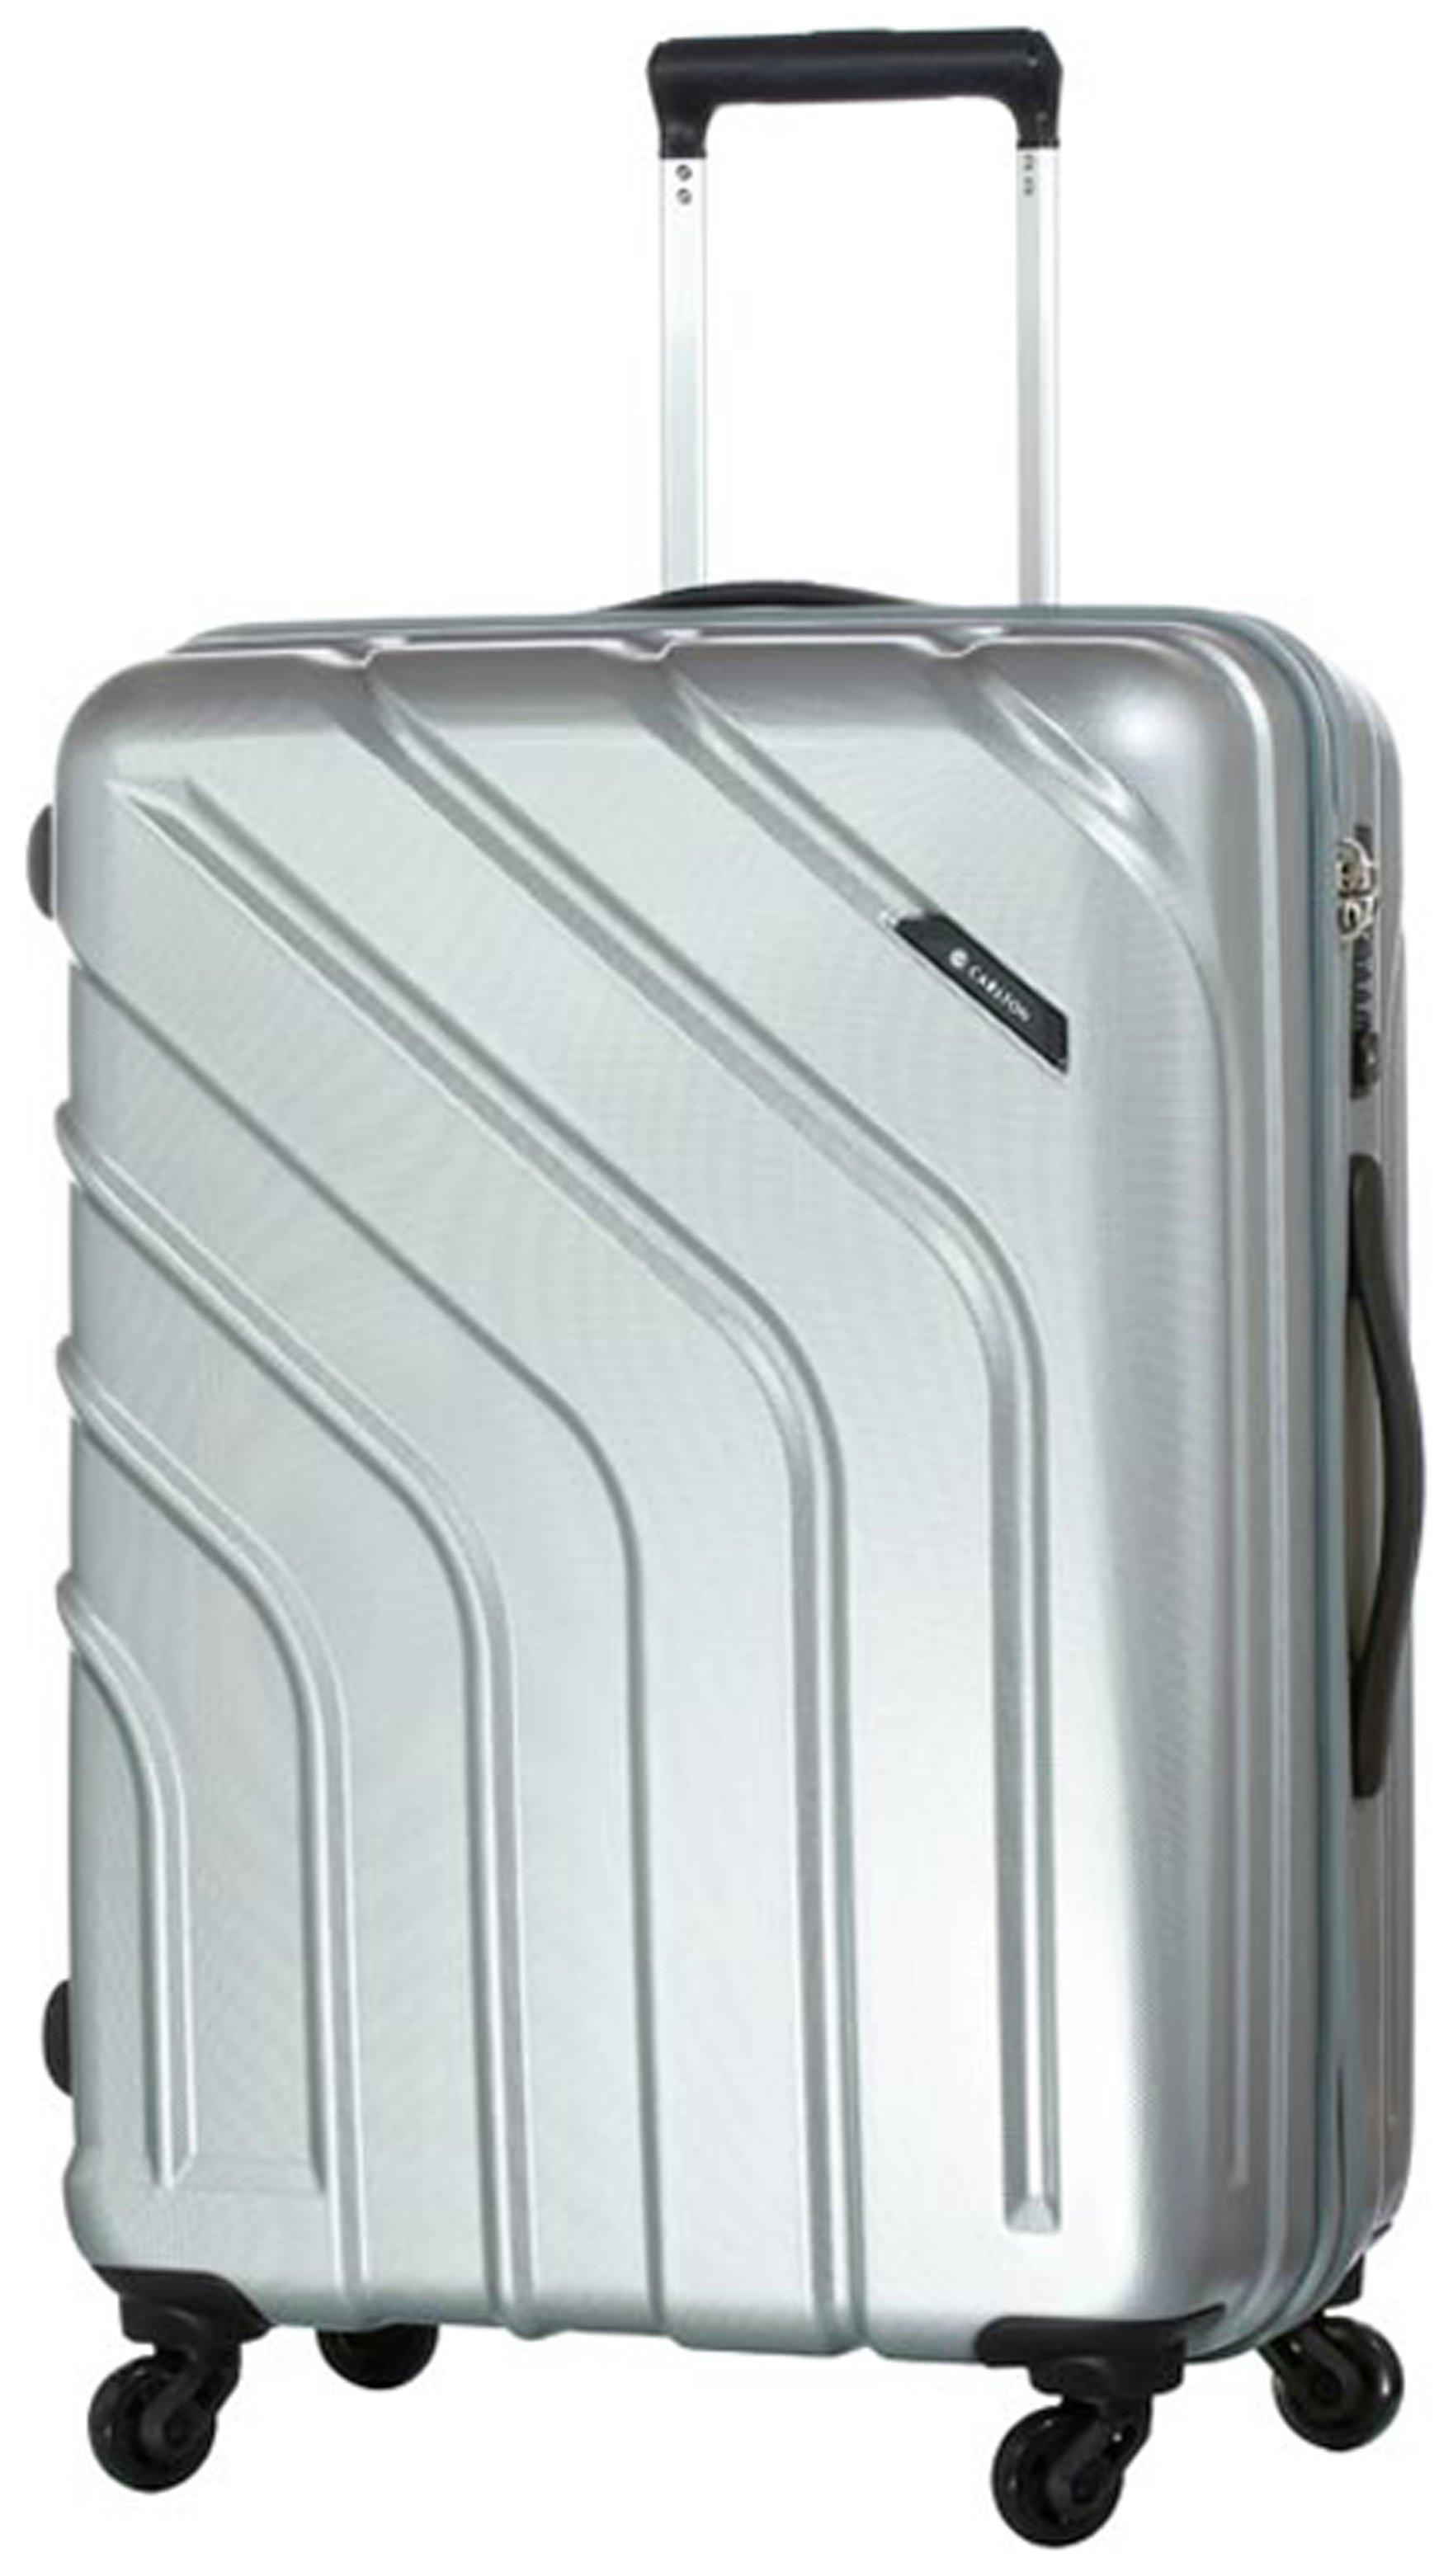 Image of Carlton - Stellar Medium 4 Wheel Trolley Case - Silver